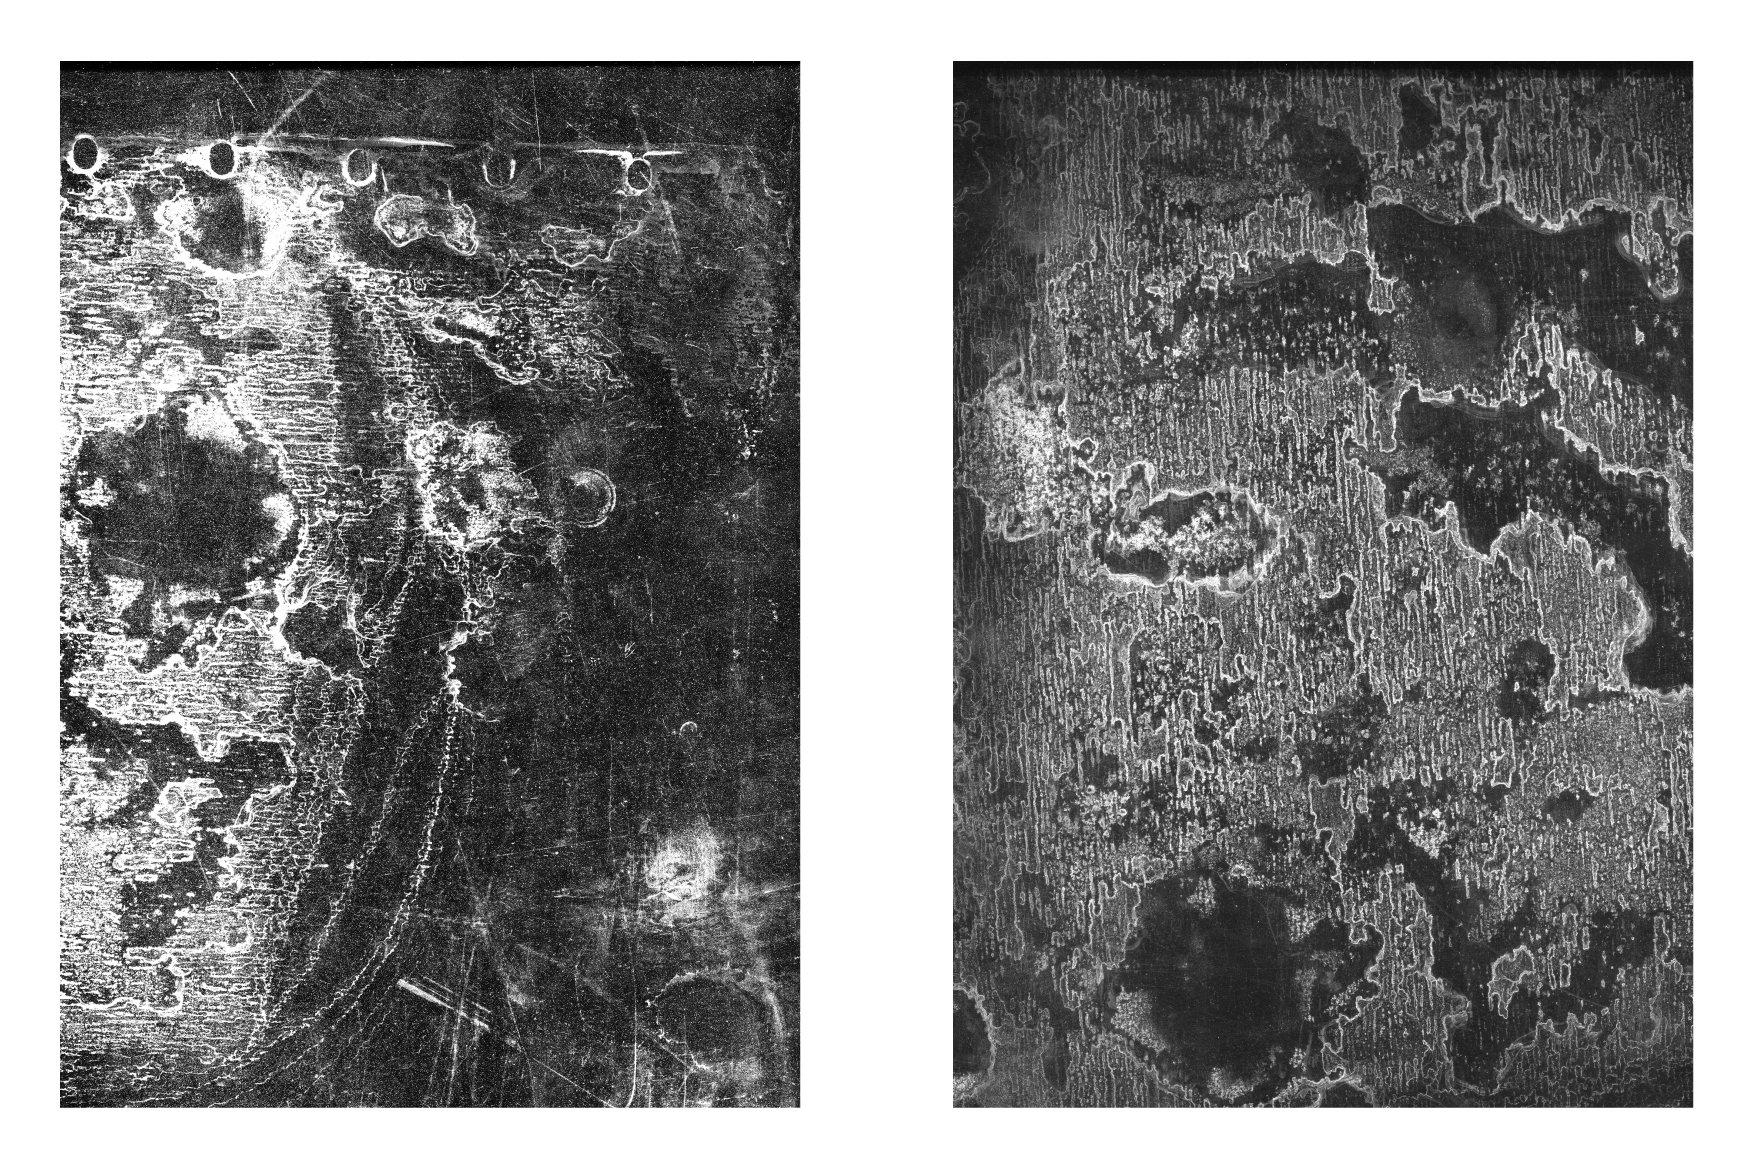 156款复古做旧折痕磨损褶皱纸张背景纹理素材合集 The Grunge Texture Bundle Vol. 1插图(41)